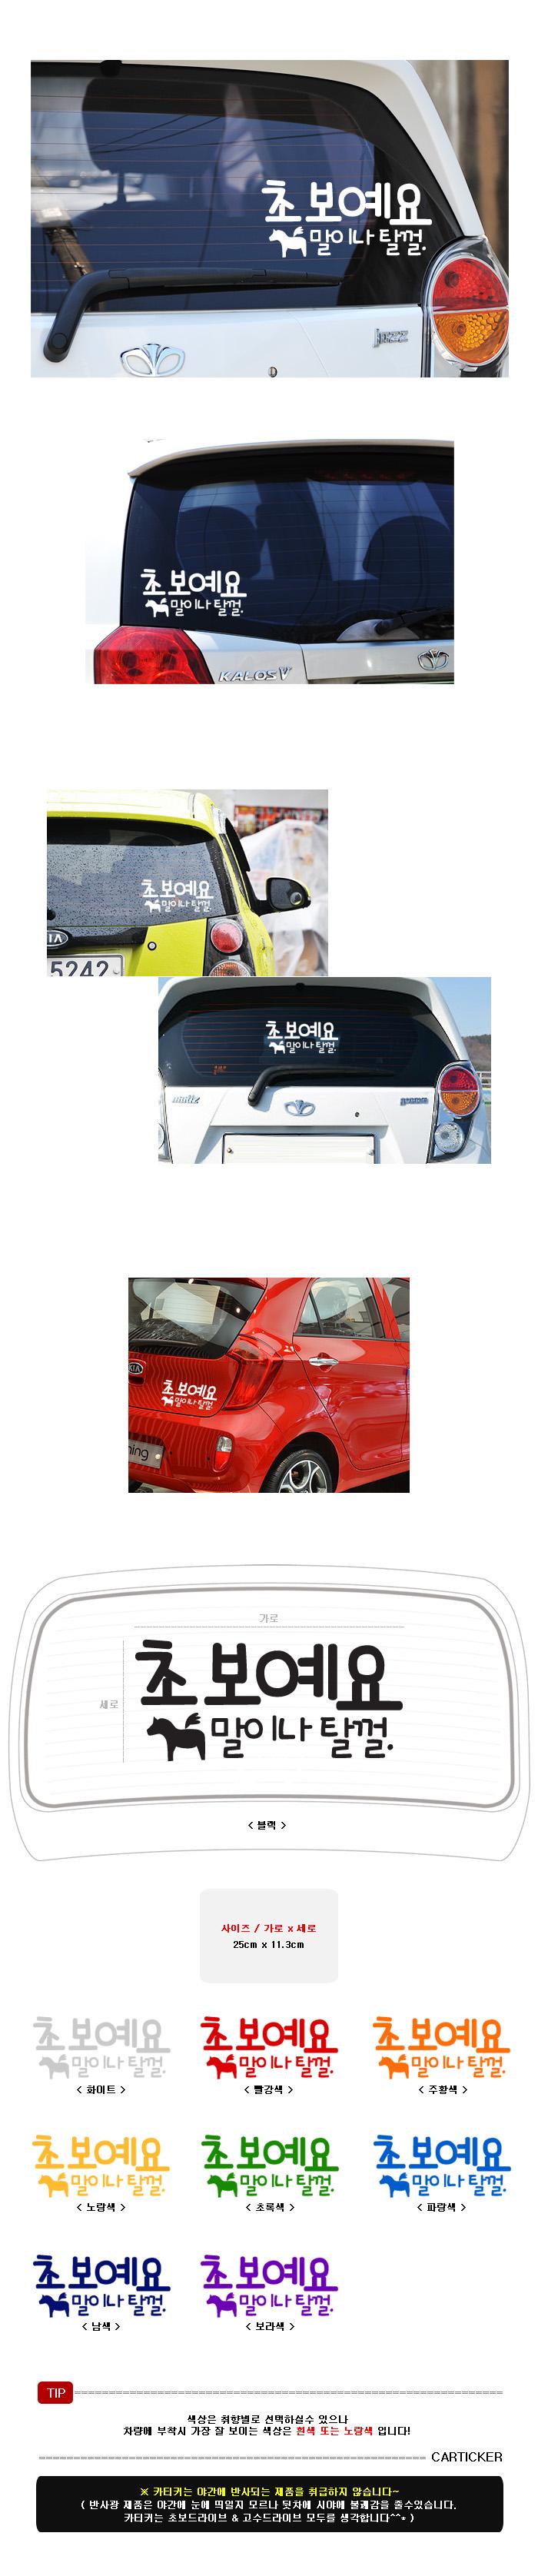 초보예요 말이나탈껄 - 초보운전스티커(381) - 카티커, 3,000원, 자동차 스티커, 초보운전/아기탑승/주차 스티커